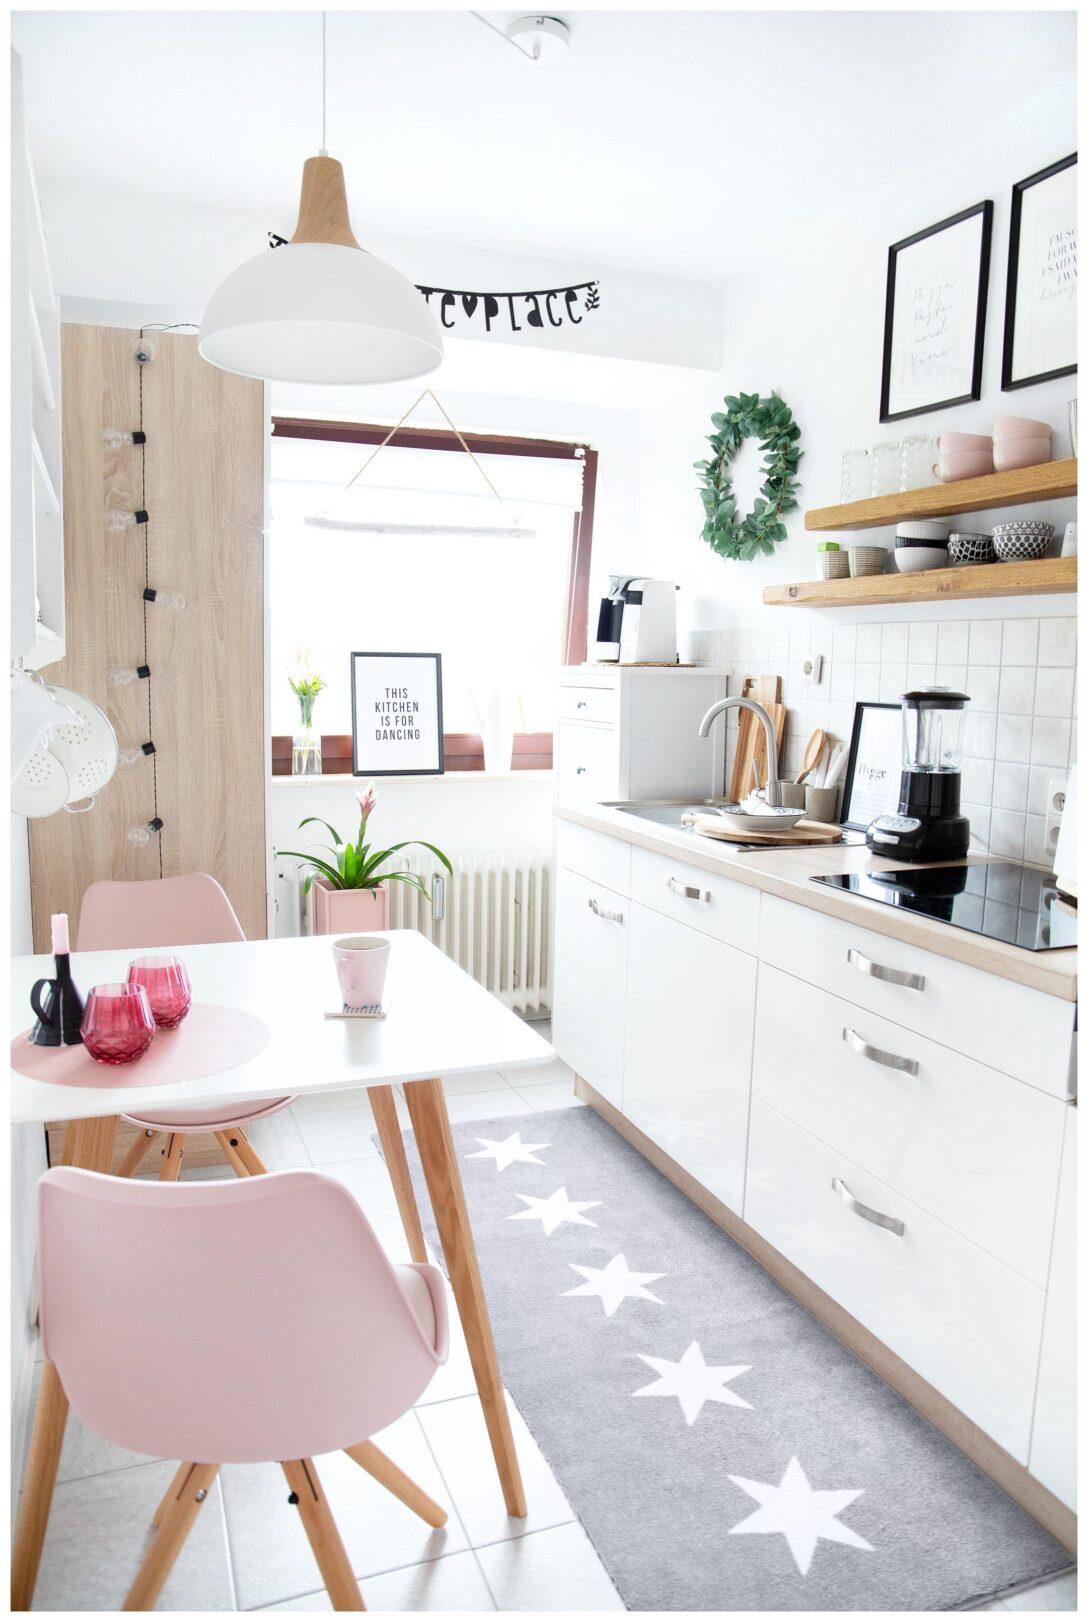 Large Size of Rosa Küche Ikea Kosten Apothekerschrank Gardine Was Kostet Eine Neue Einbauküche Mit E Geräten Nischenrückwand Led Deckenleuchte Lampen Erweitern Kinder Wohnzimmer Rosa Küche